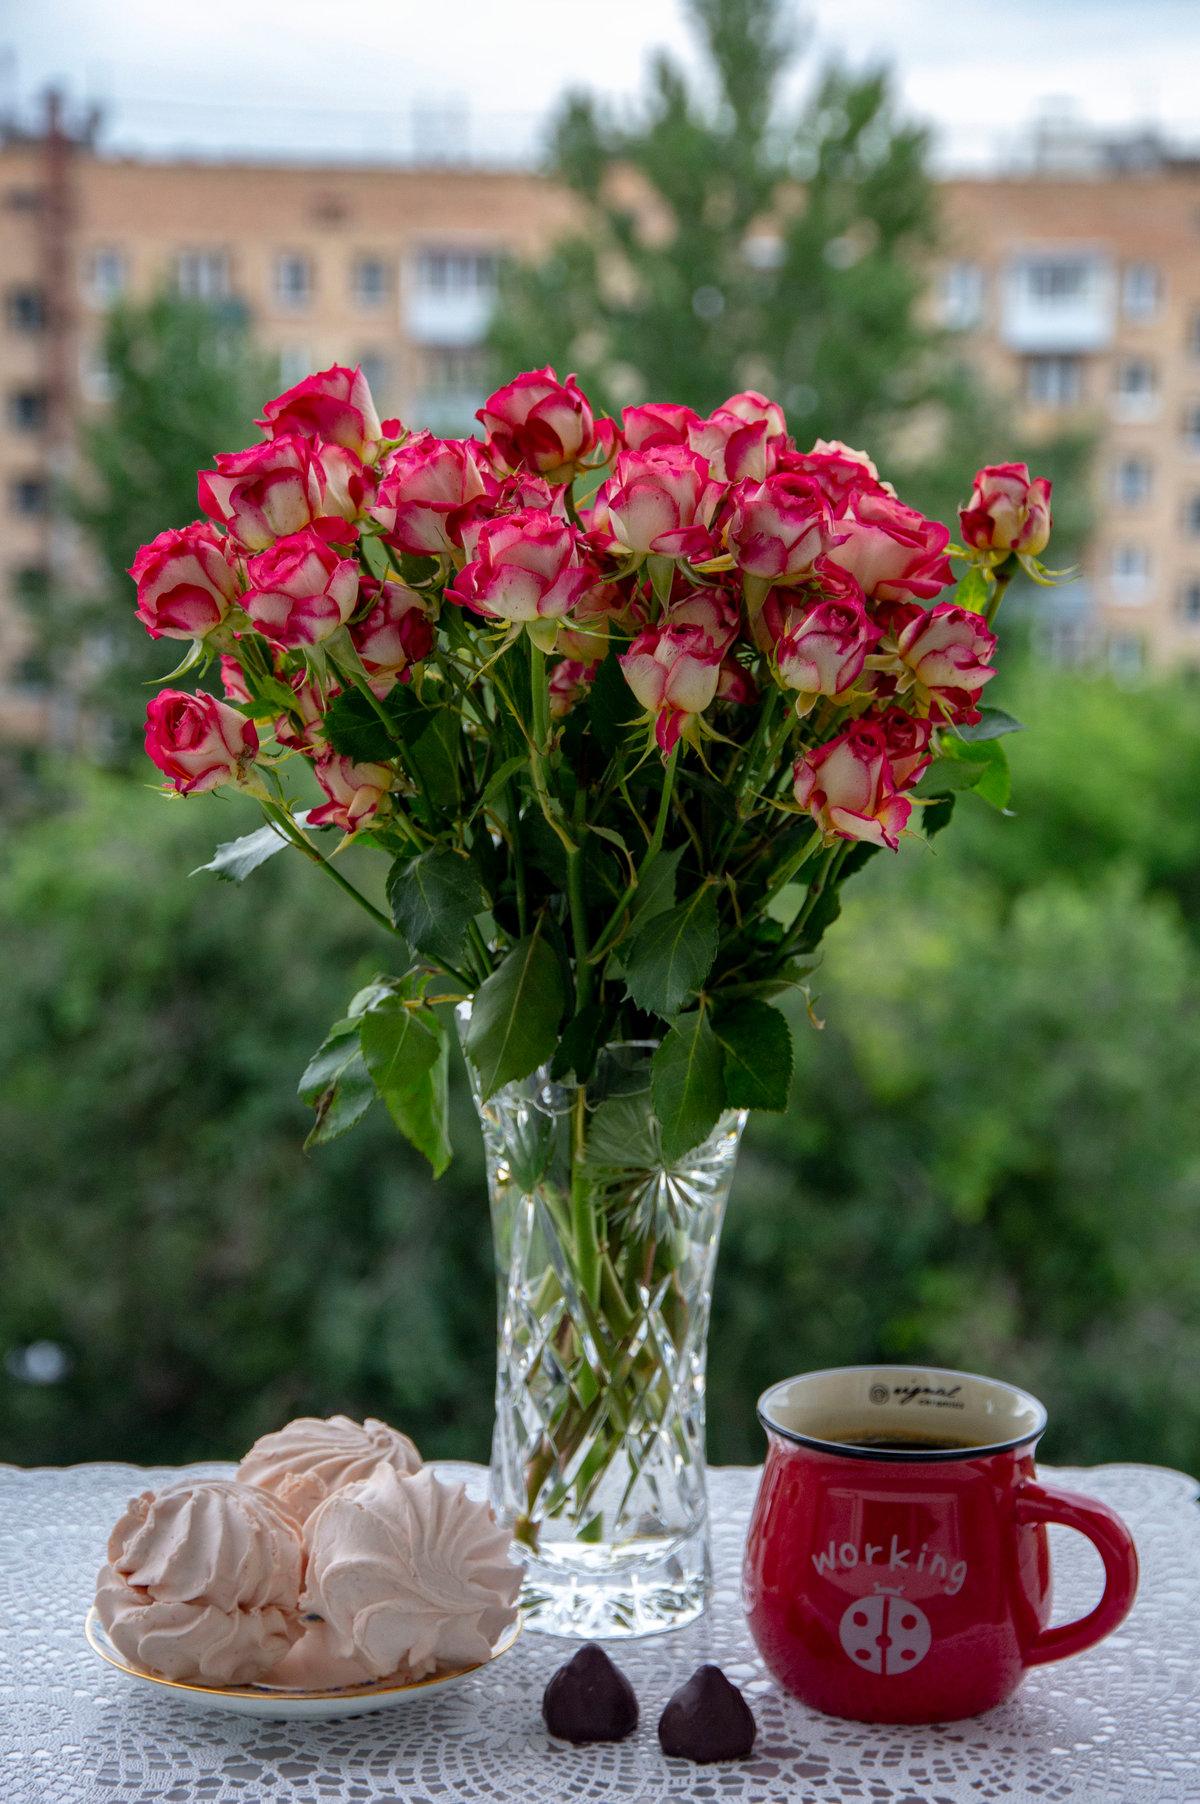 малахов с добрым утром открытки с живыми цветами рассаду спаржи, нужно